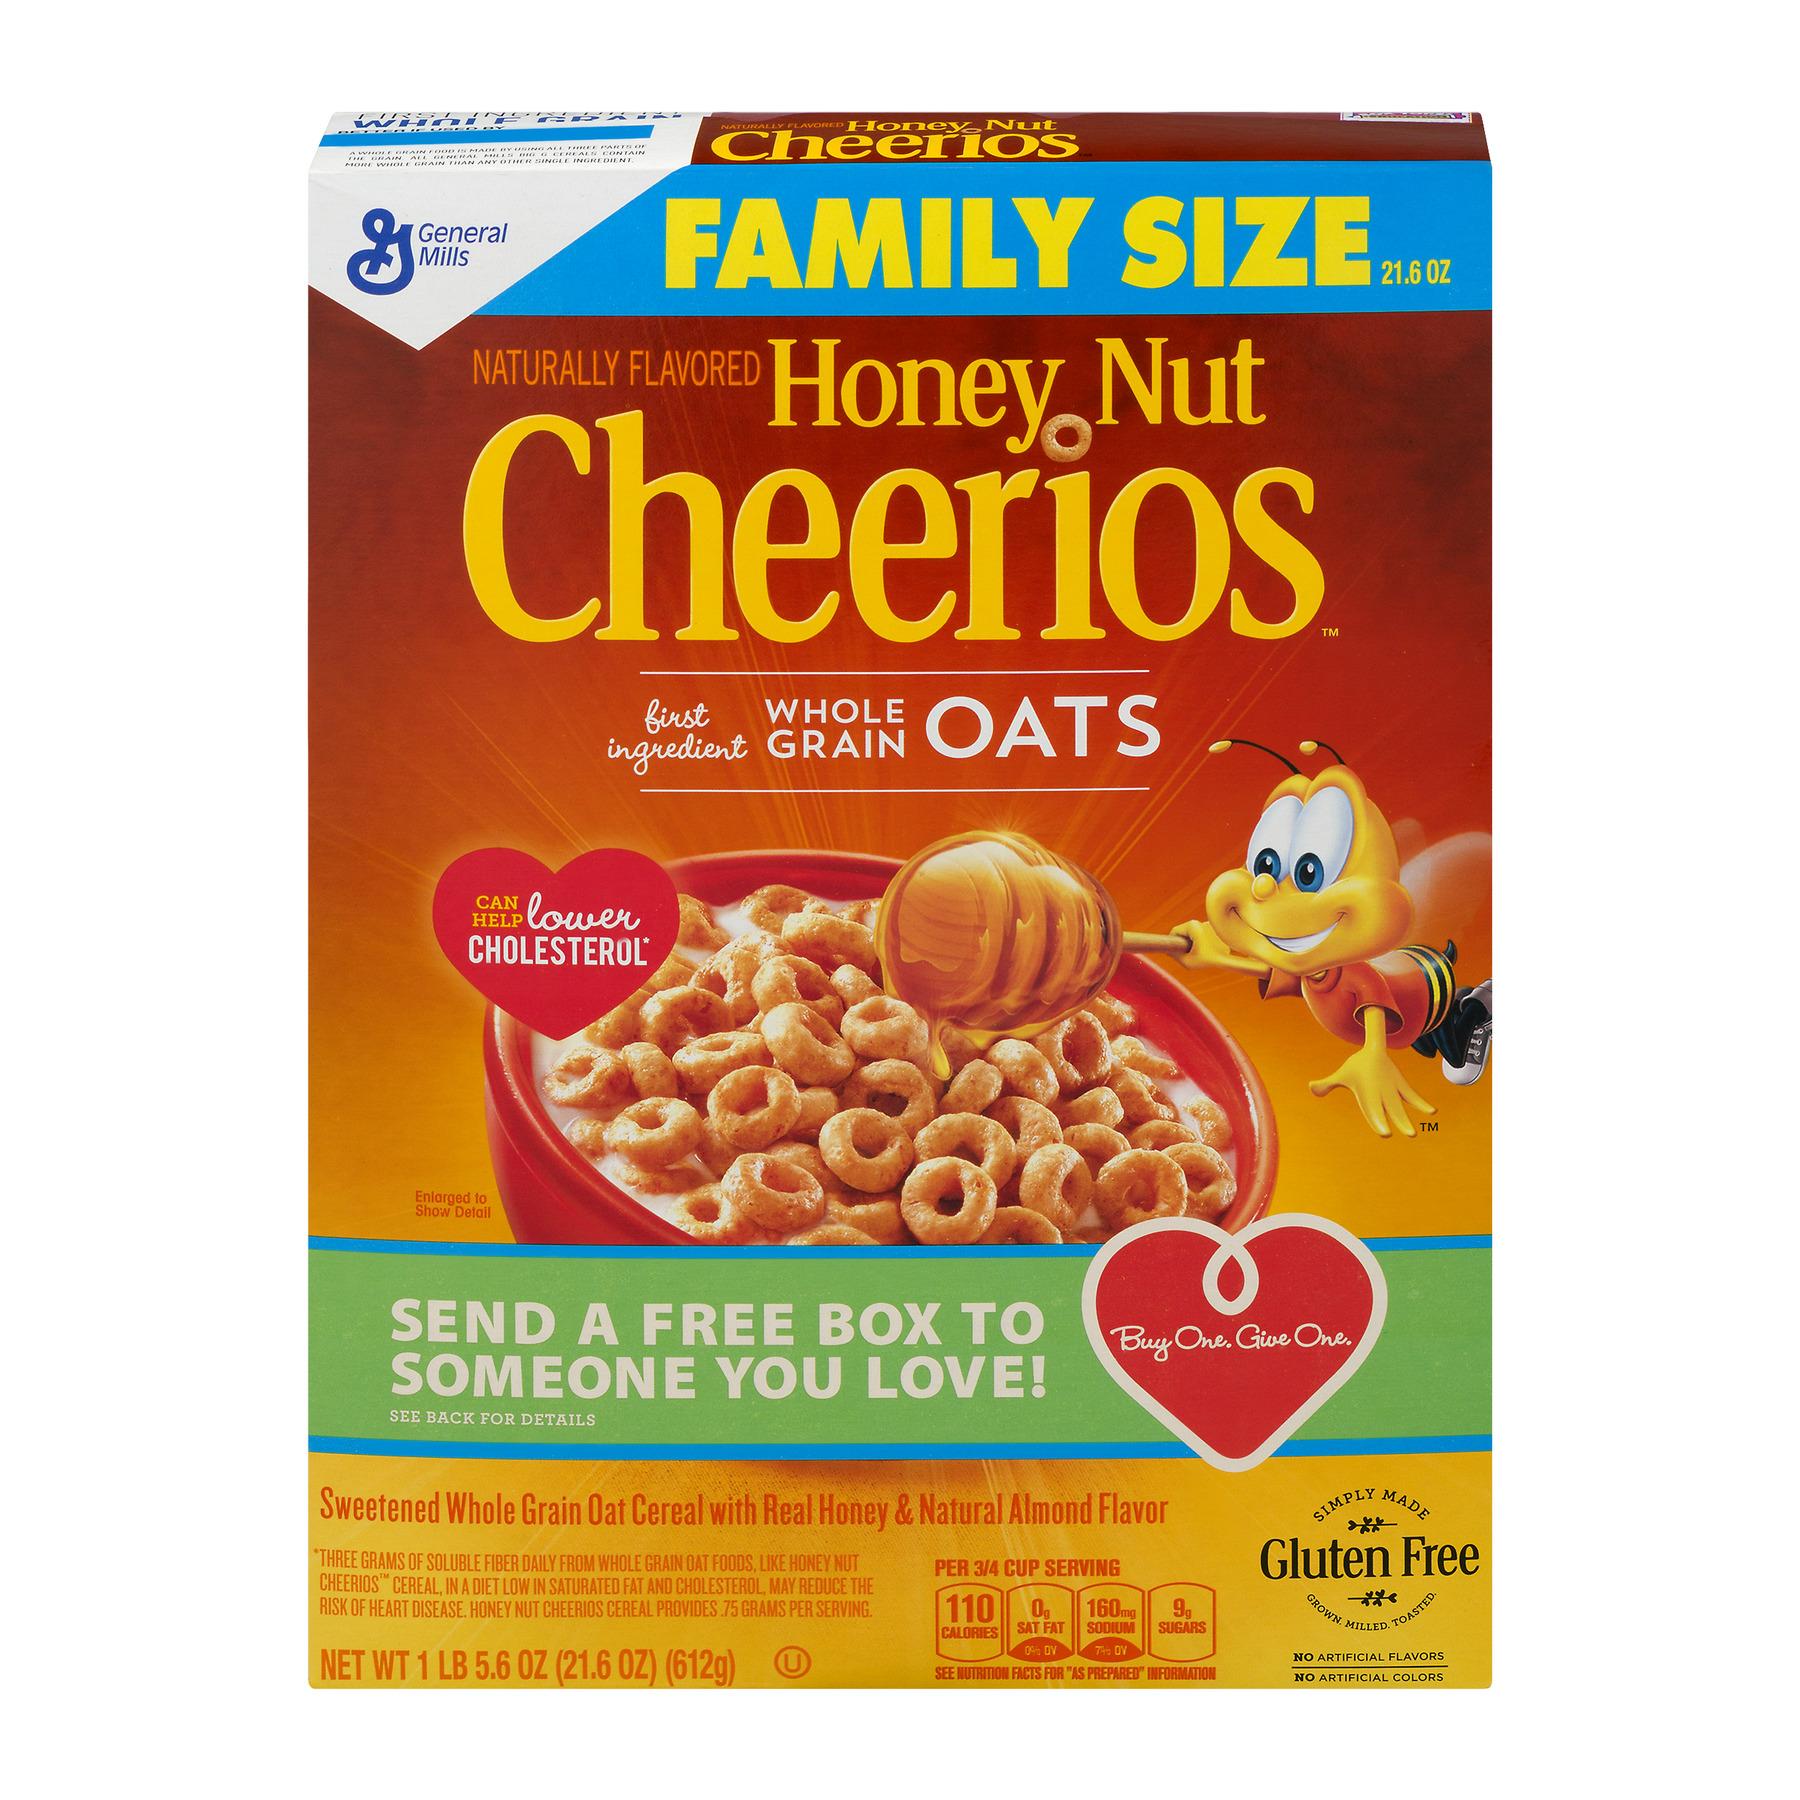 Honey nut cheerios family size